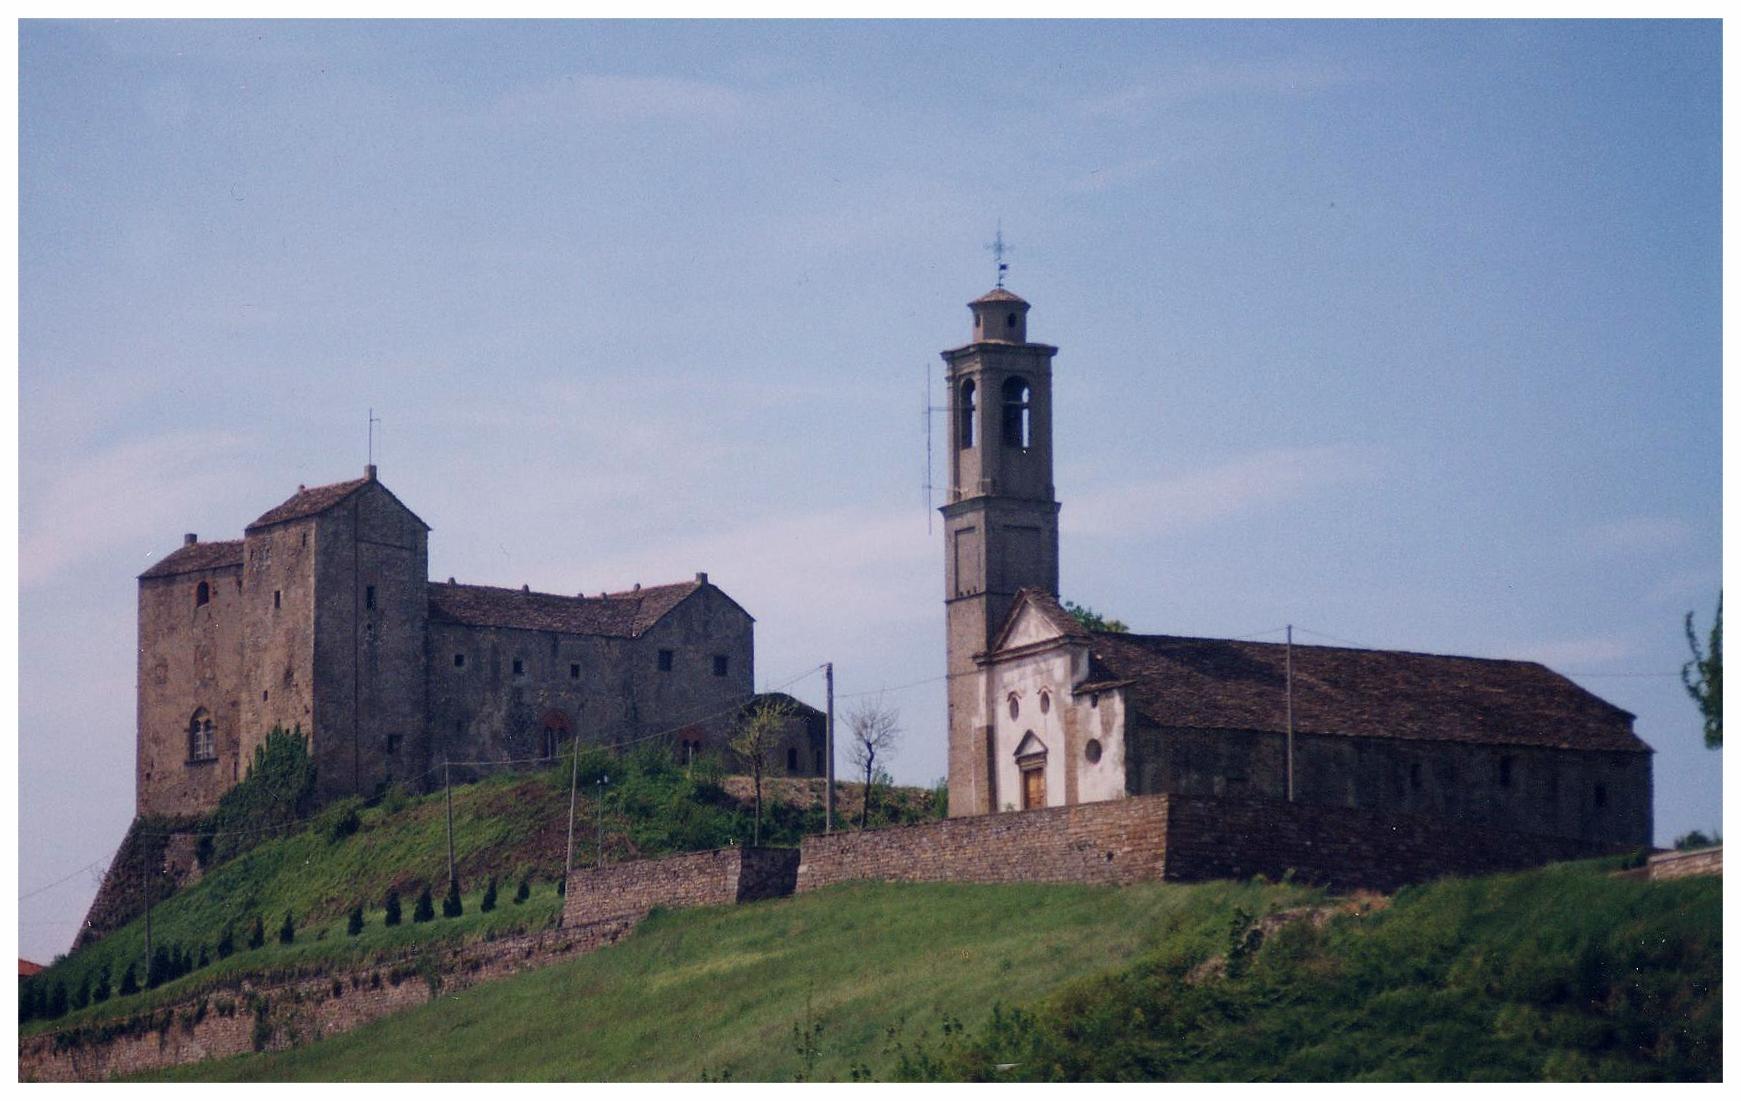 Prunetto turismo in langa piemonte langhe roero tour percorsi itinerari turistici  castello guide.jpg